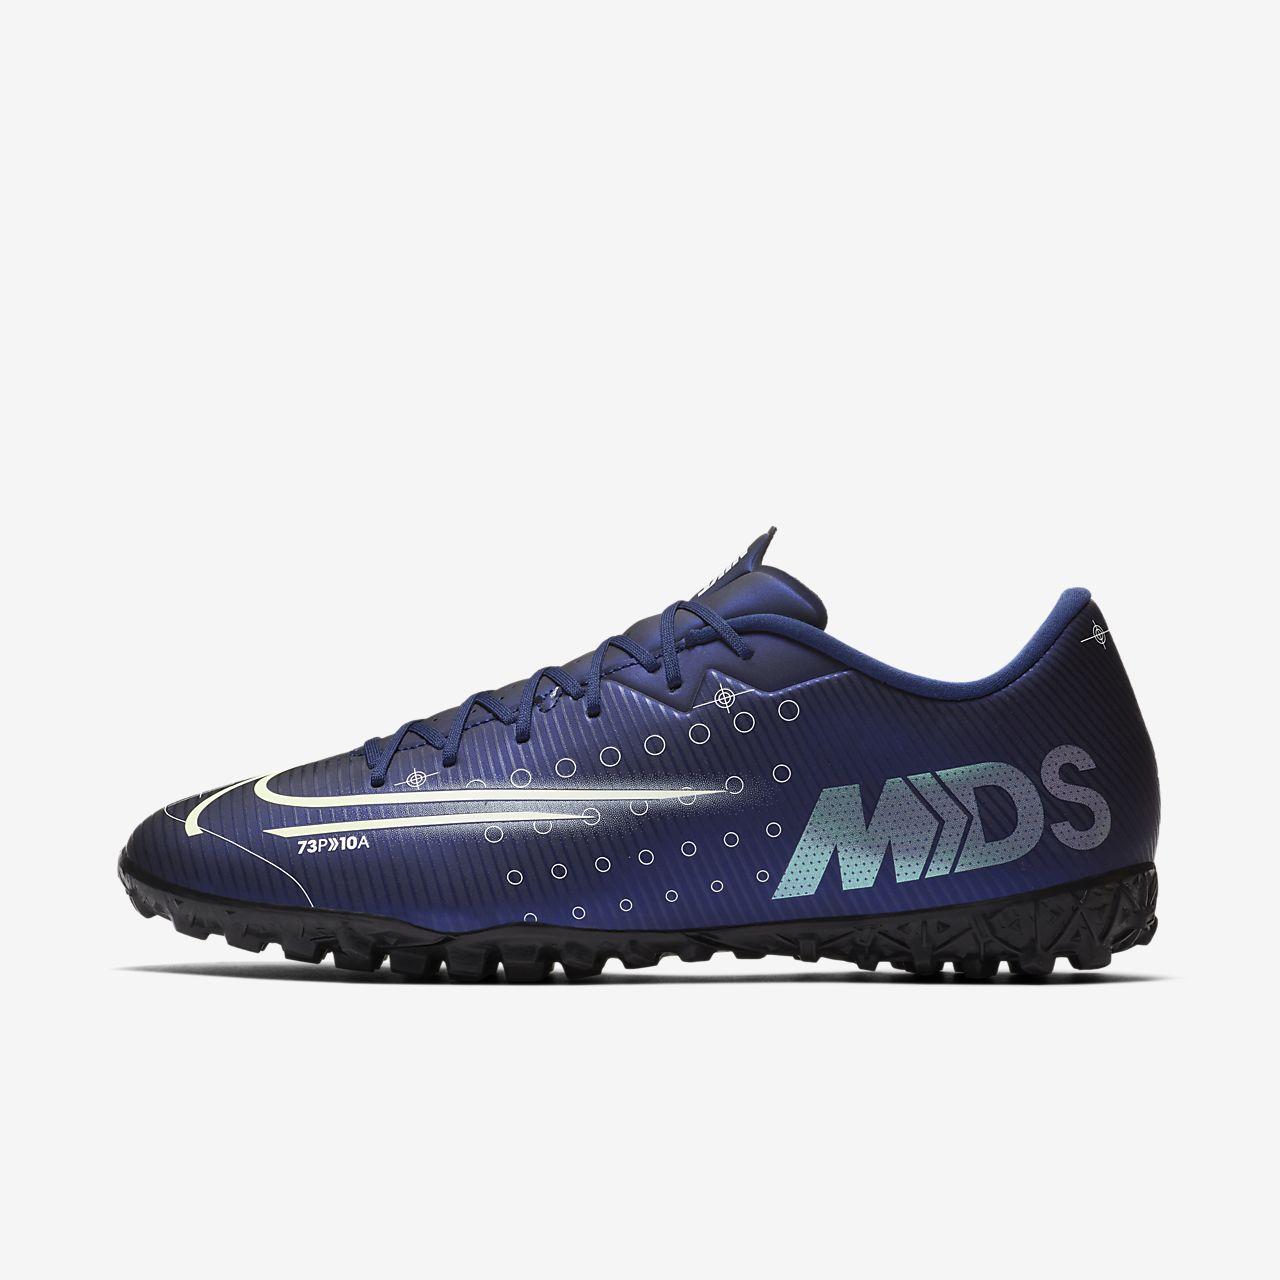 Fotbollssko för grus/turf Nike Mercurial Vapor 13 Academy MDS TF